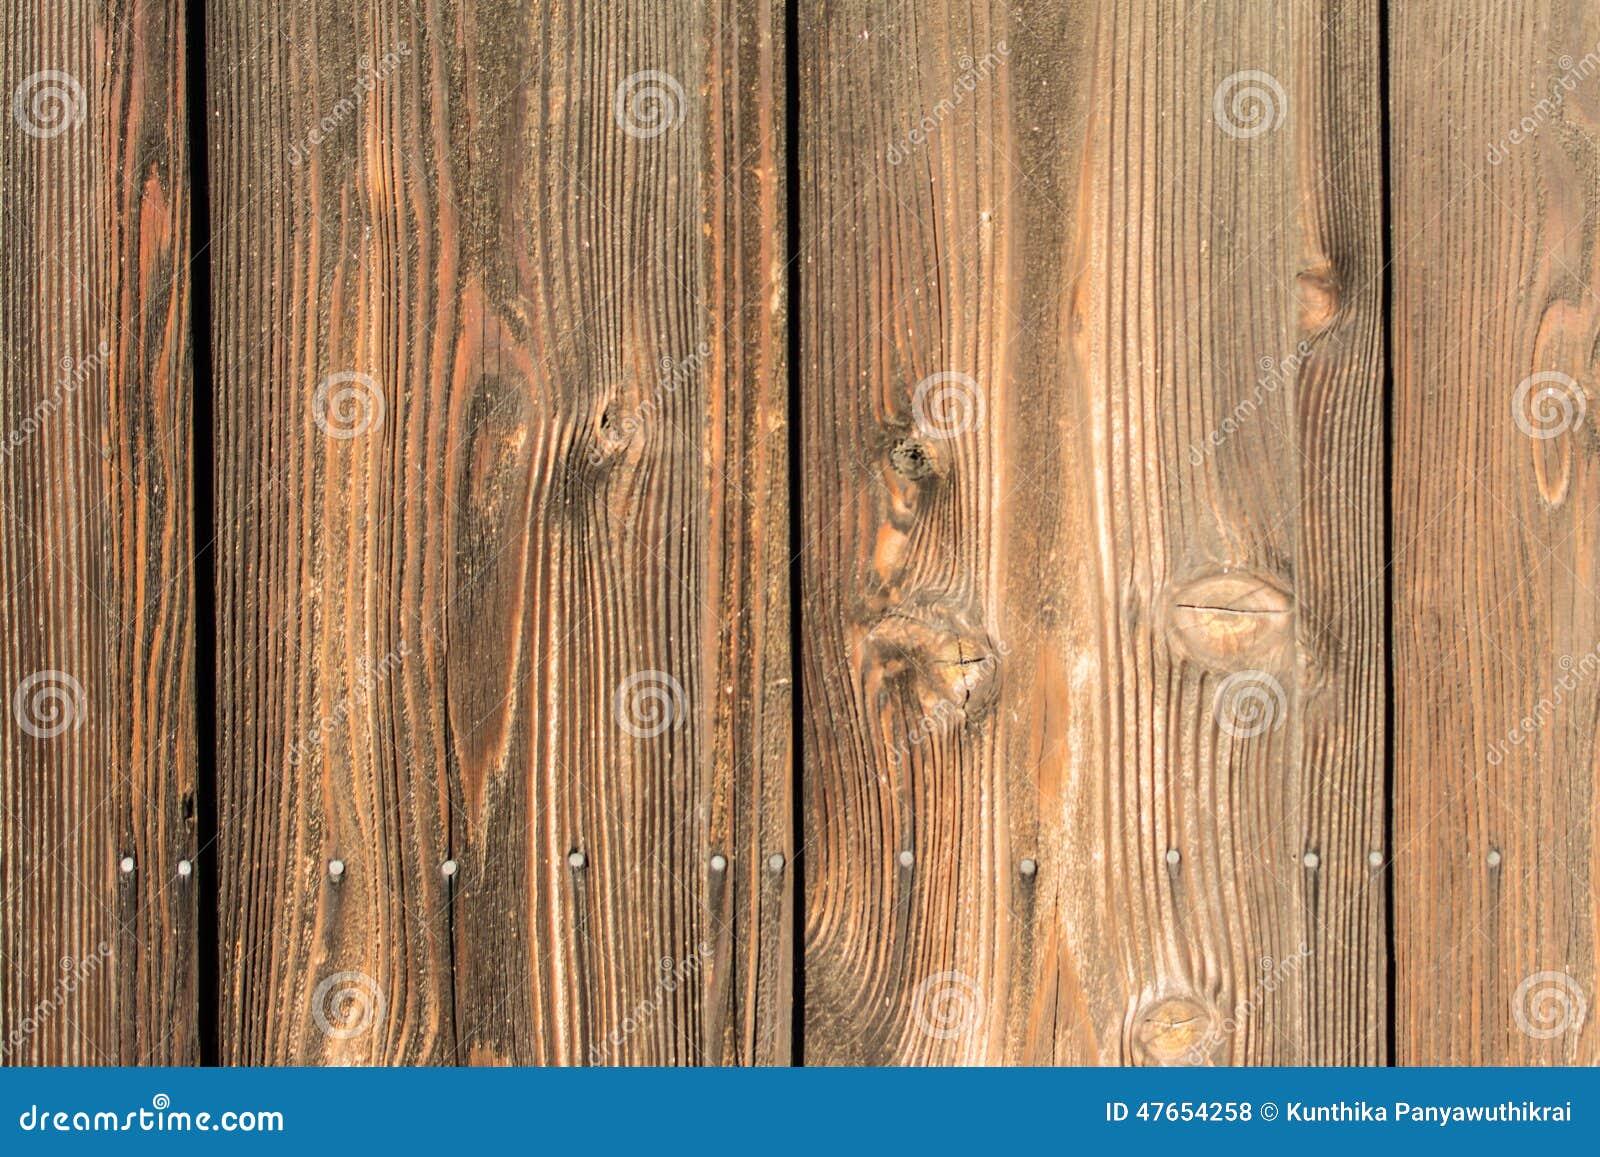 Japanese Old Wood Stock Photo Image Of Decor Decorative